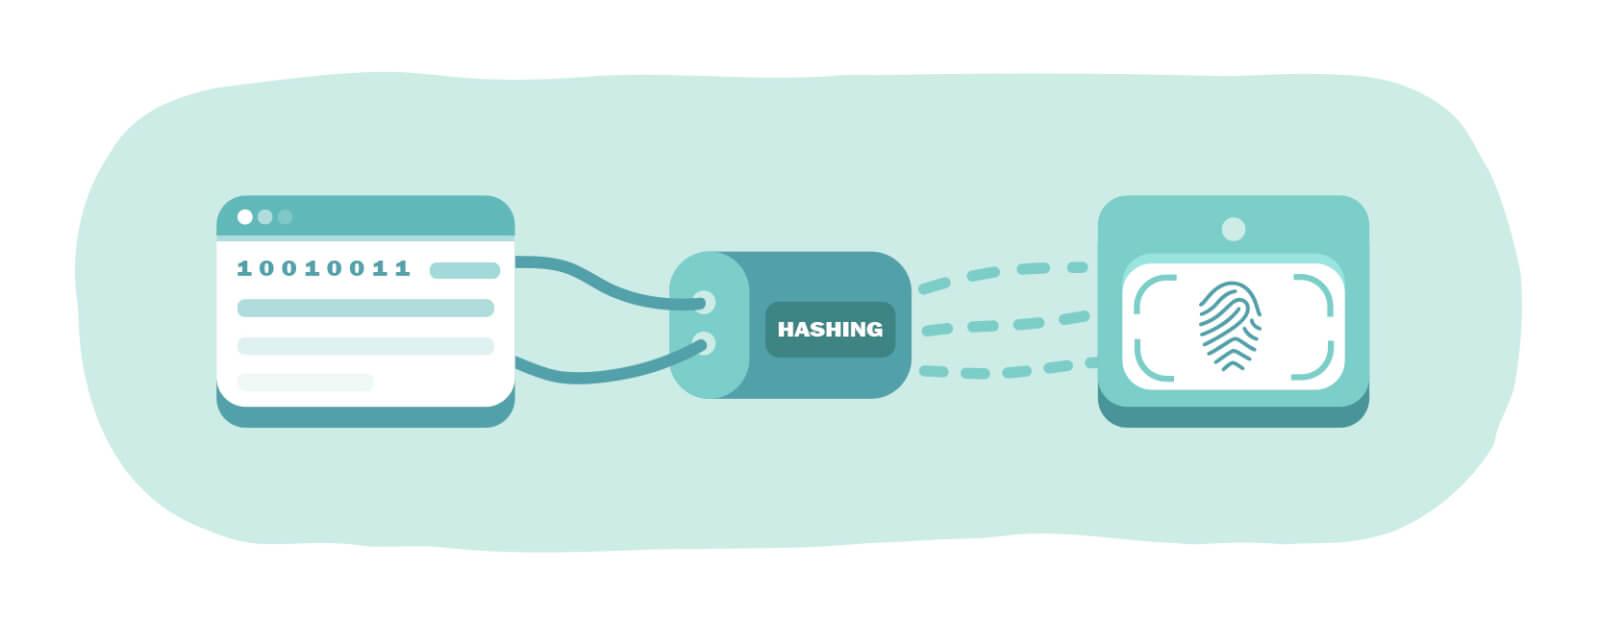 Hash رمزنگاری و ارزهای دیجیتال